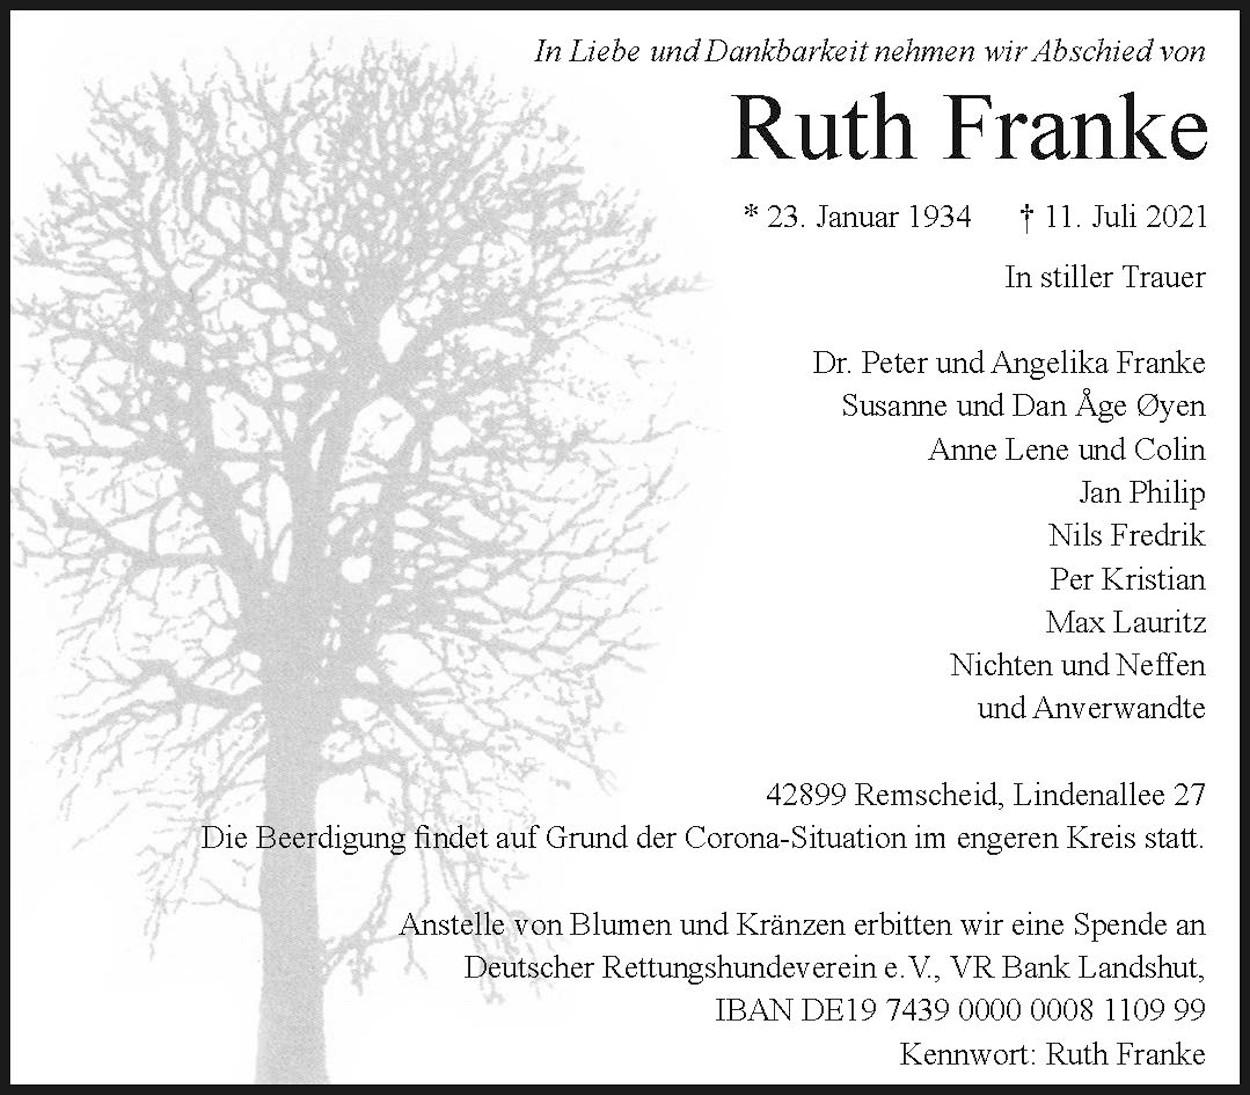 Ruth Franke